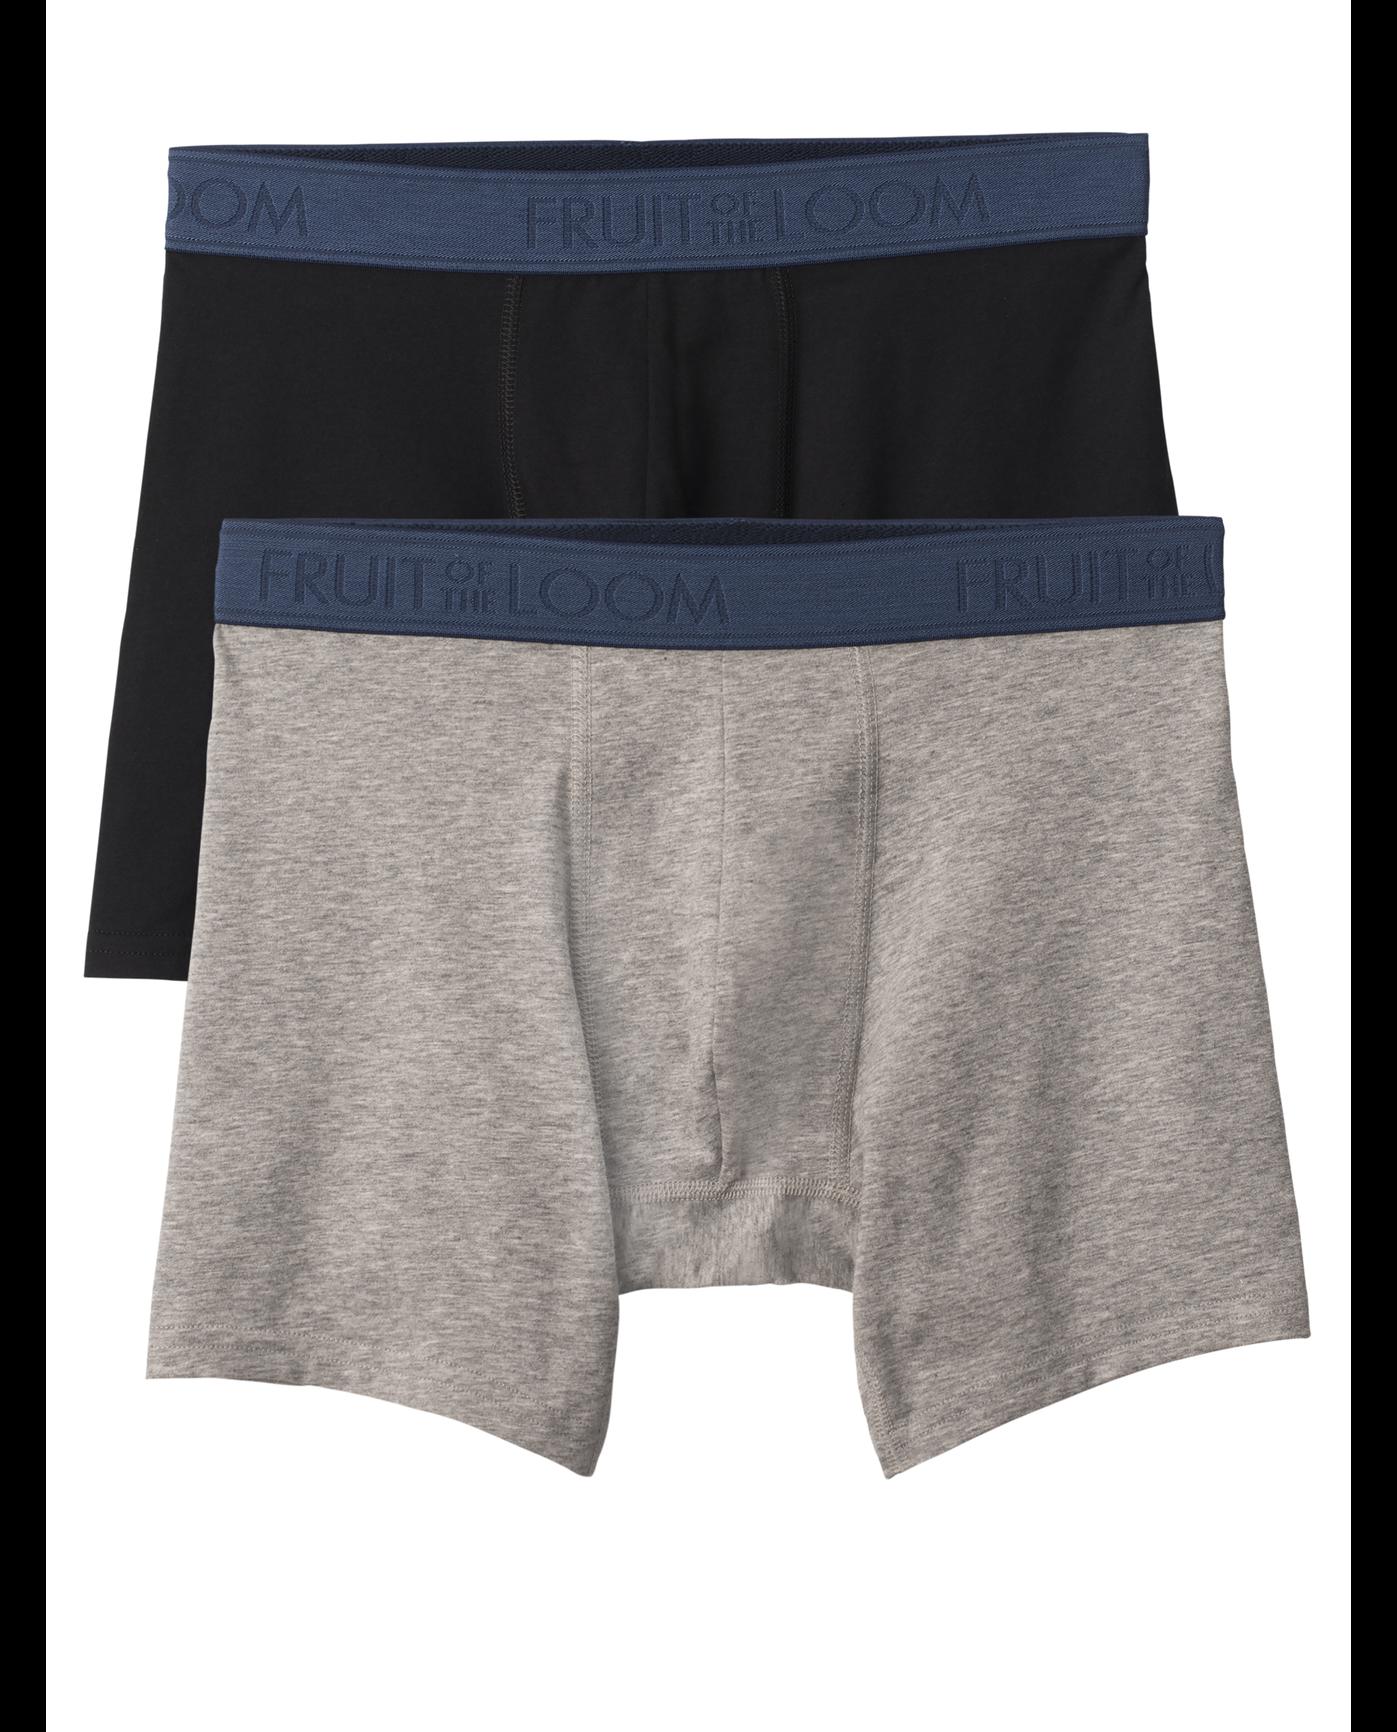 0c6f02d373d8 Men's 2 Pack Low Rise Black/Heather Gray Boxer Brief Black Grey